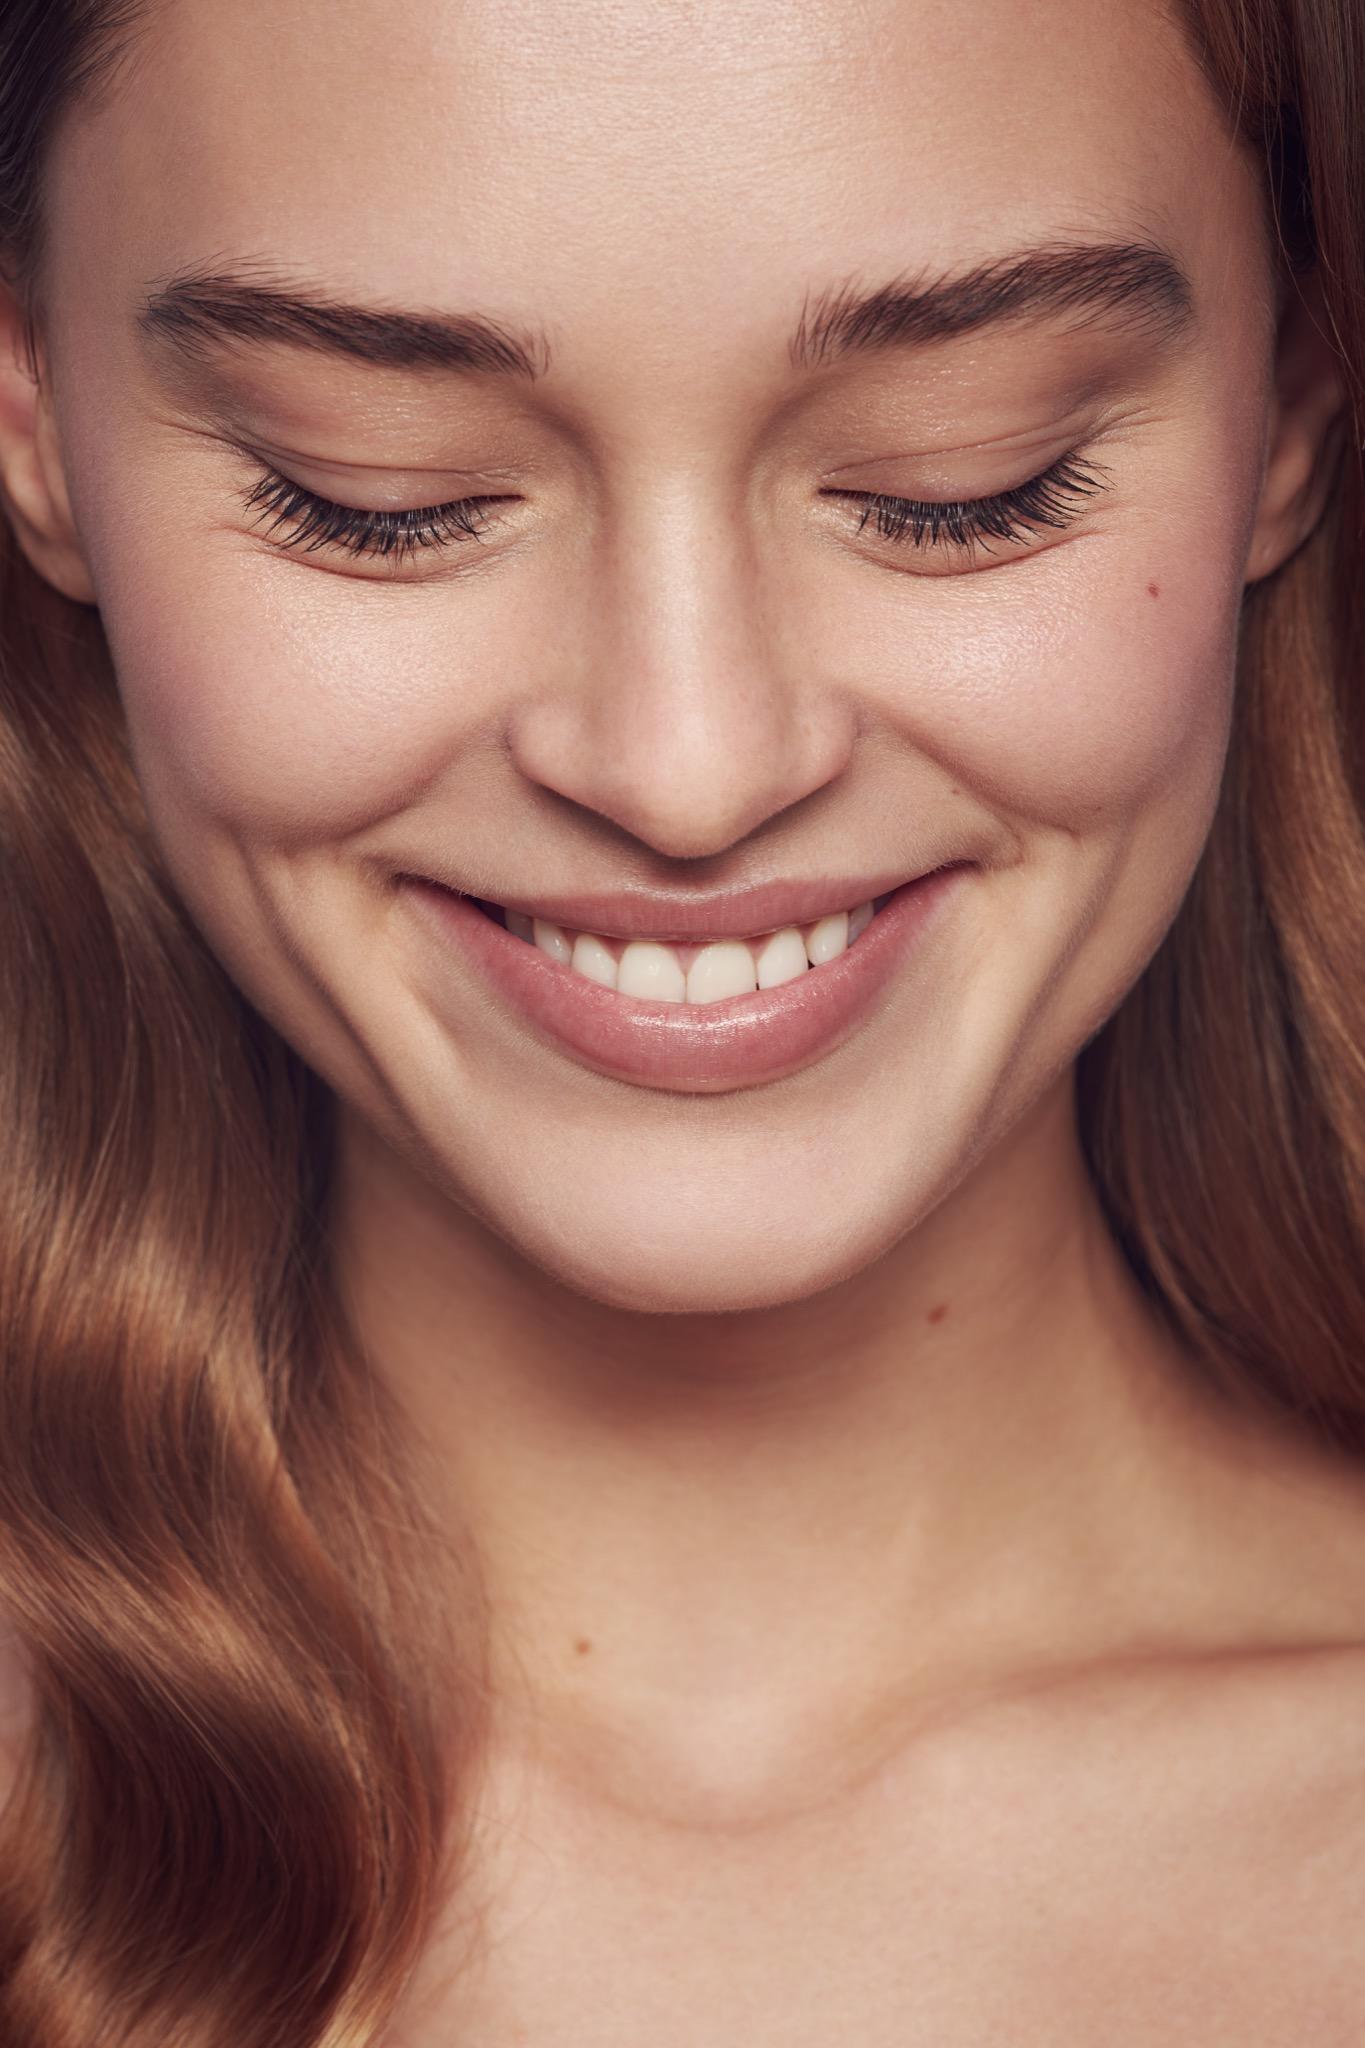 Photographe cosmetique. beauté et bien-être - paris